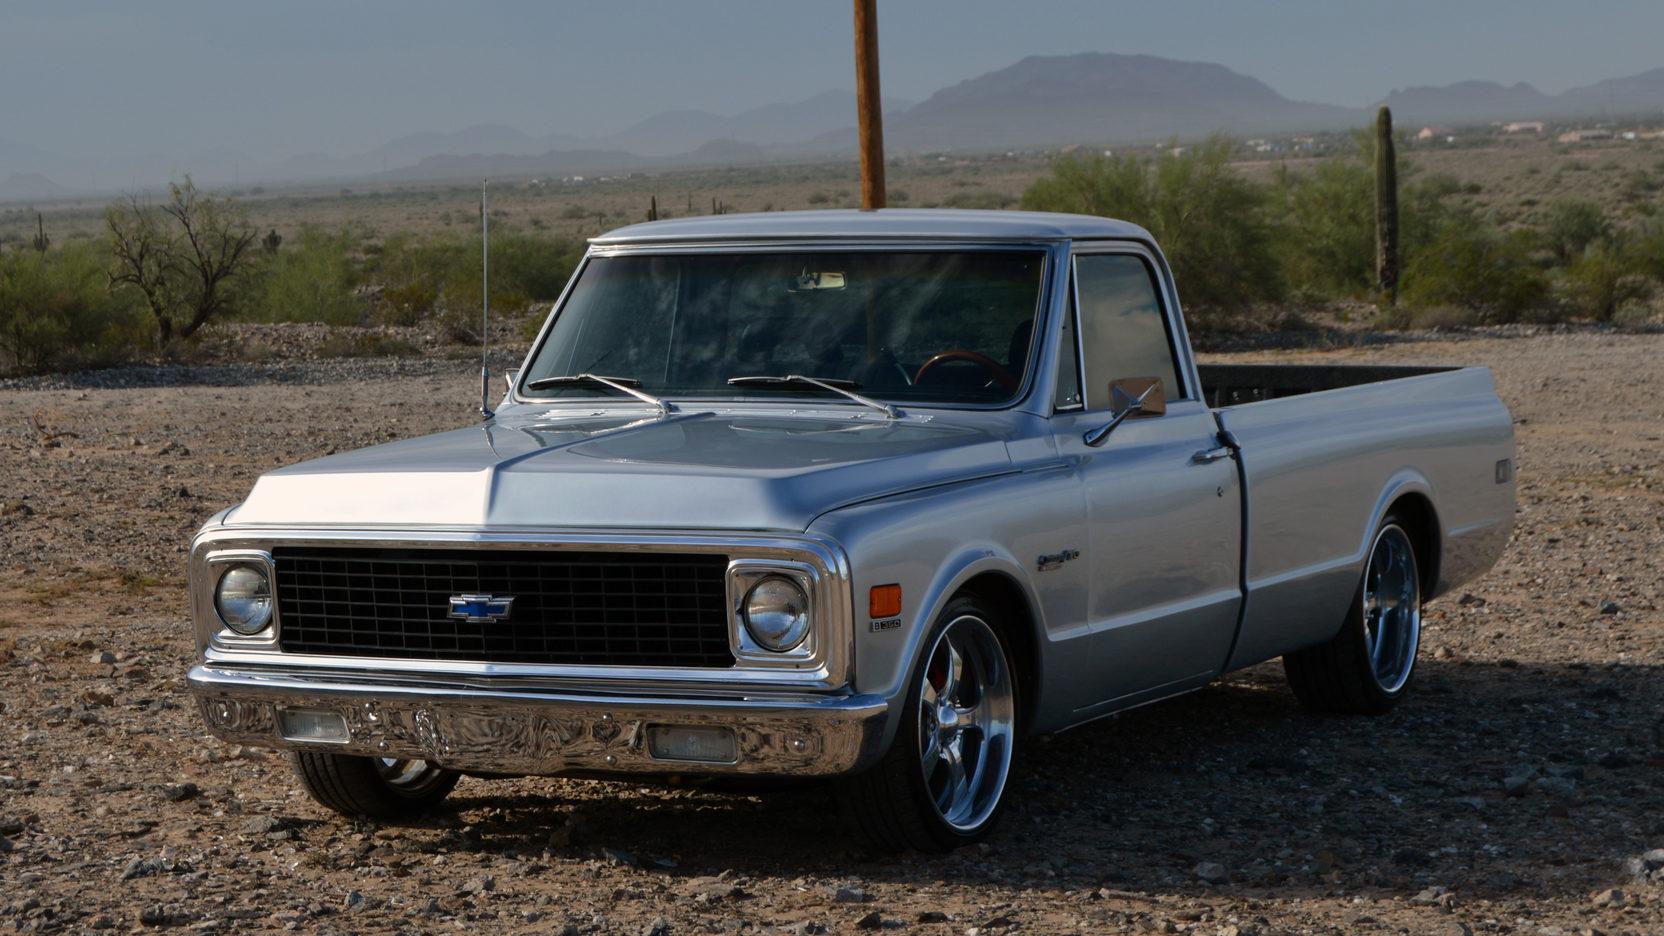 hight resolution of 1971 chevrolet c10 custom deluxe pickup 1 full screen